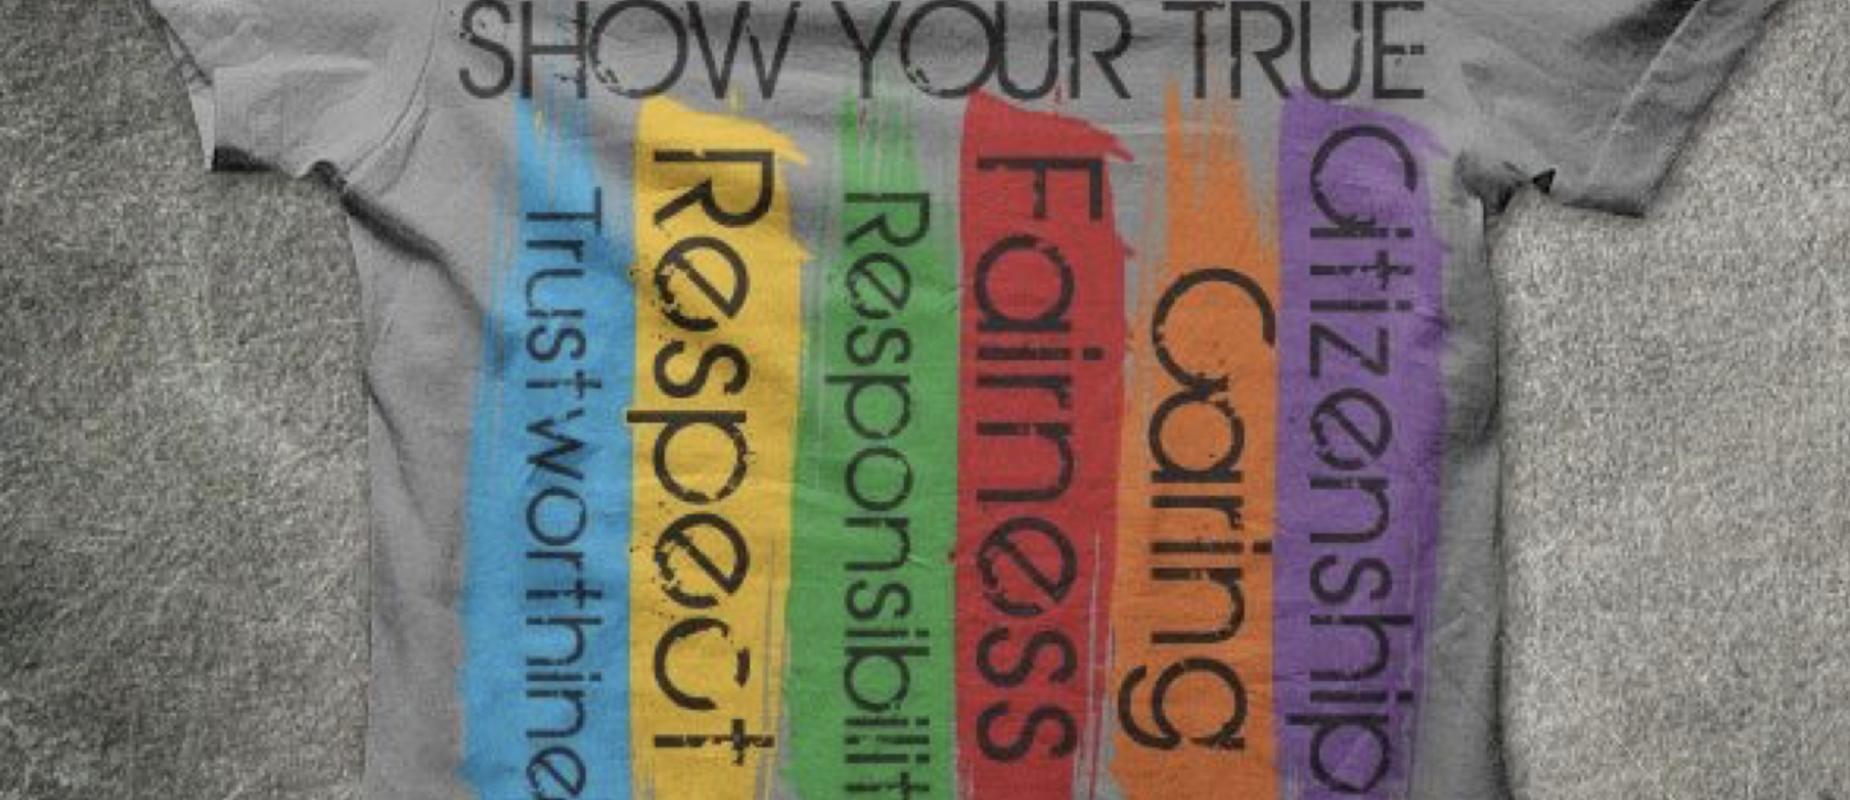 Show your true colors